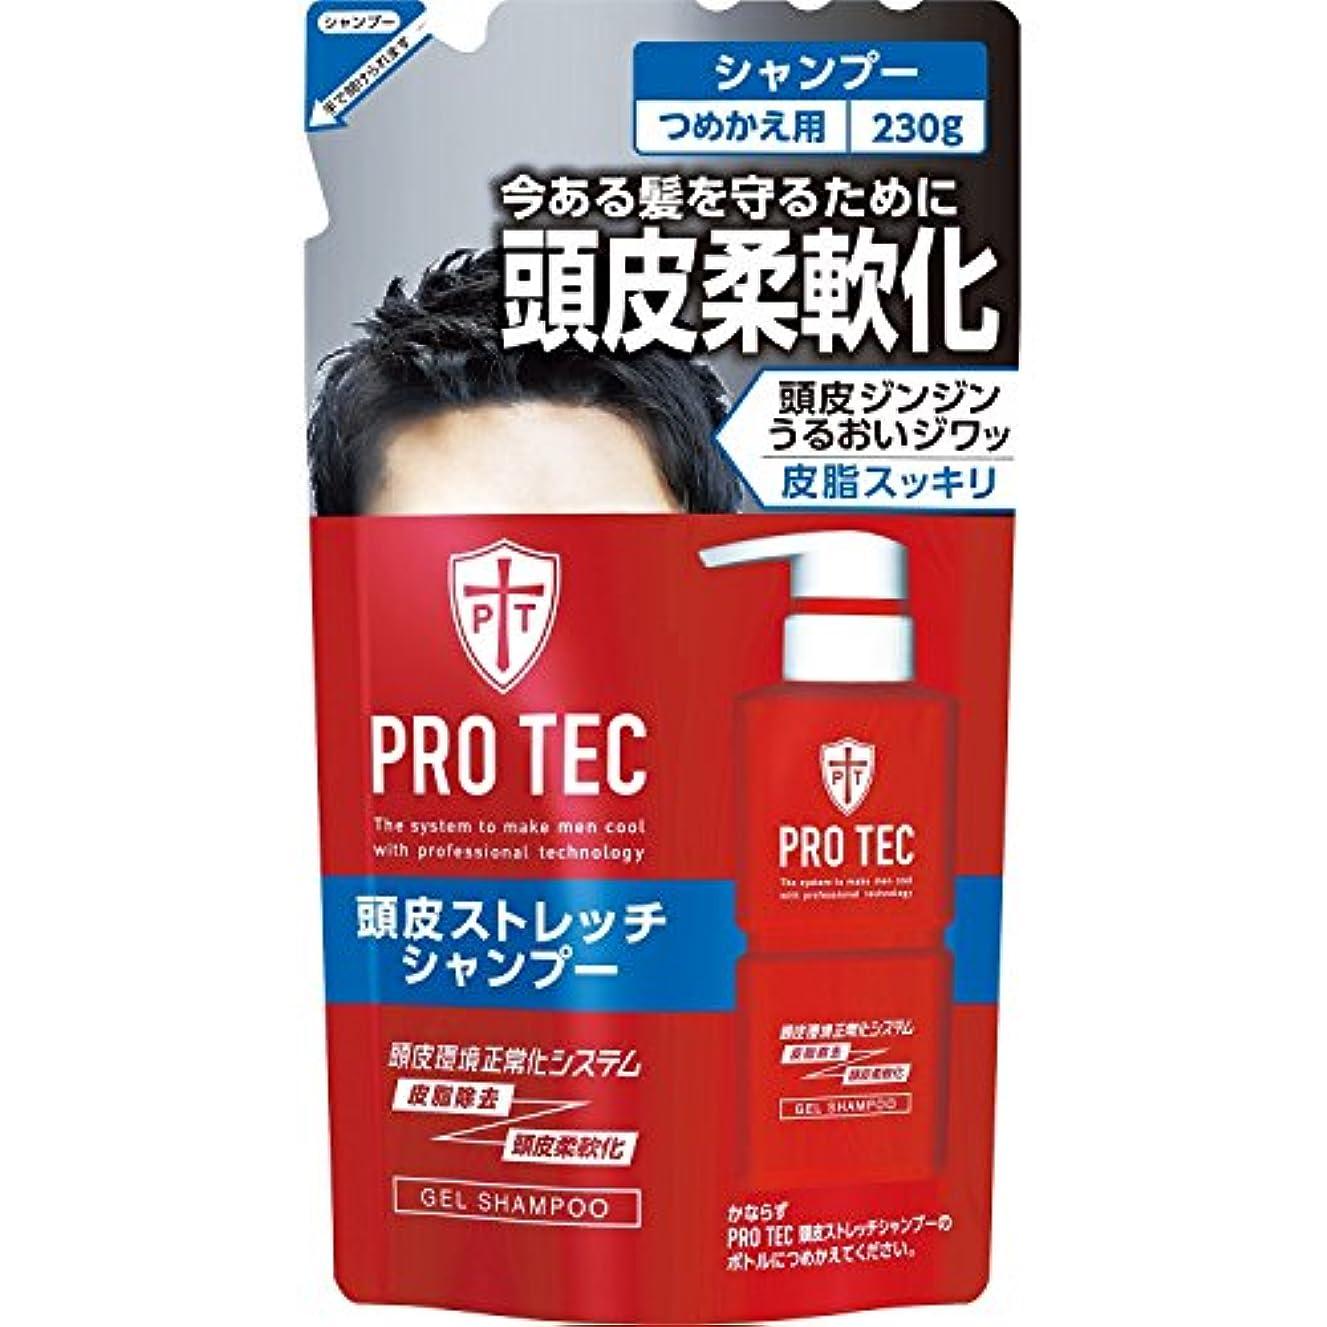 素子ここに万一に備えてPRO TEC(プロテク) 頭皮ストレッチ シャンプー 詰め替え 230g(医薬部外品)